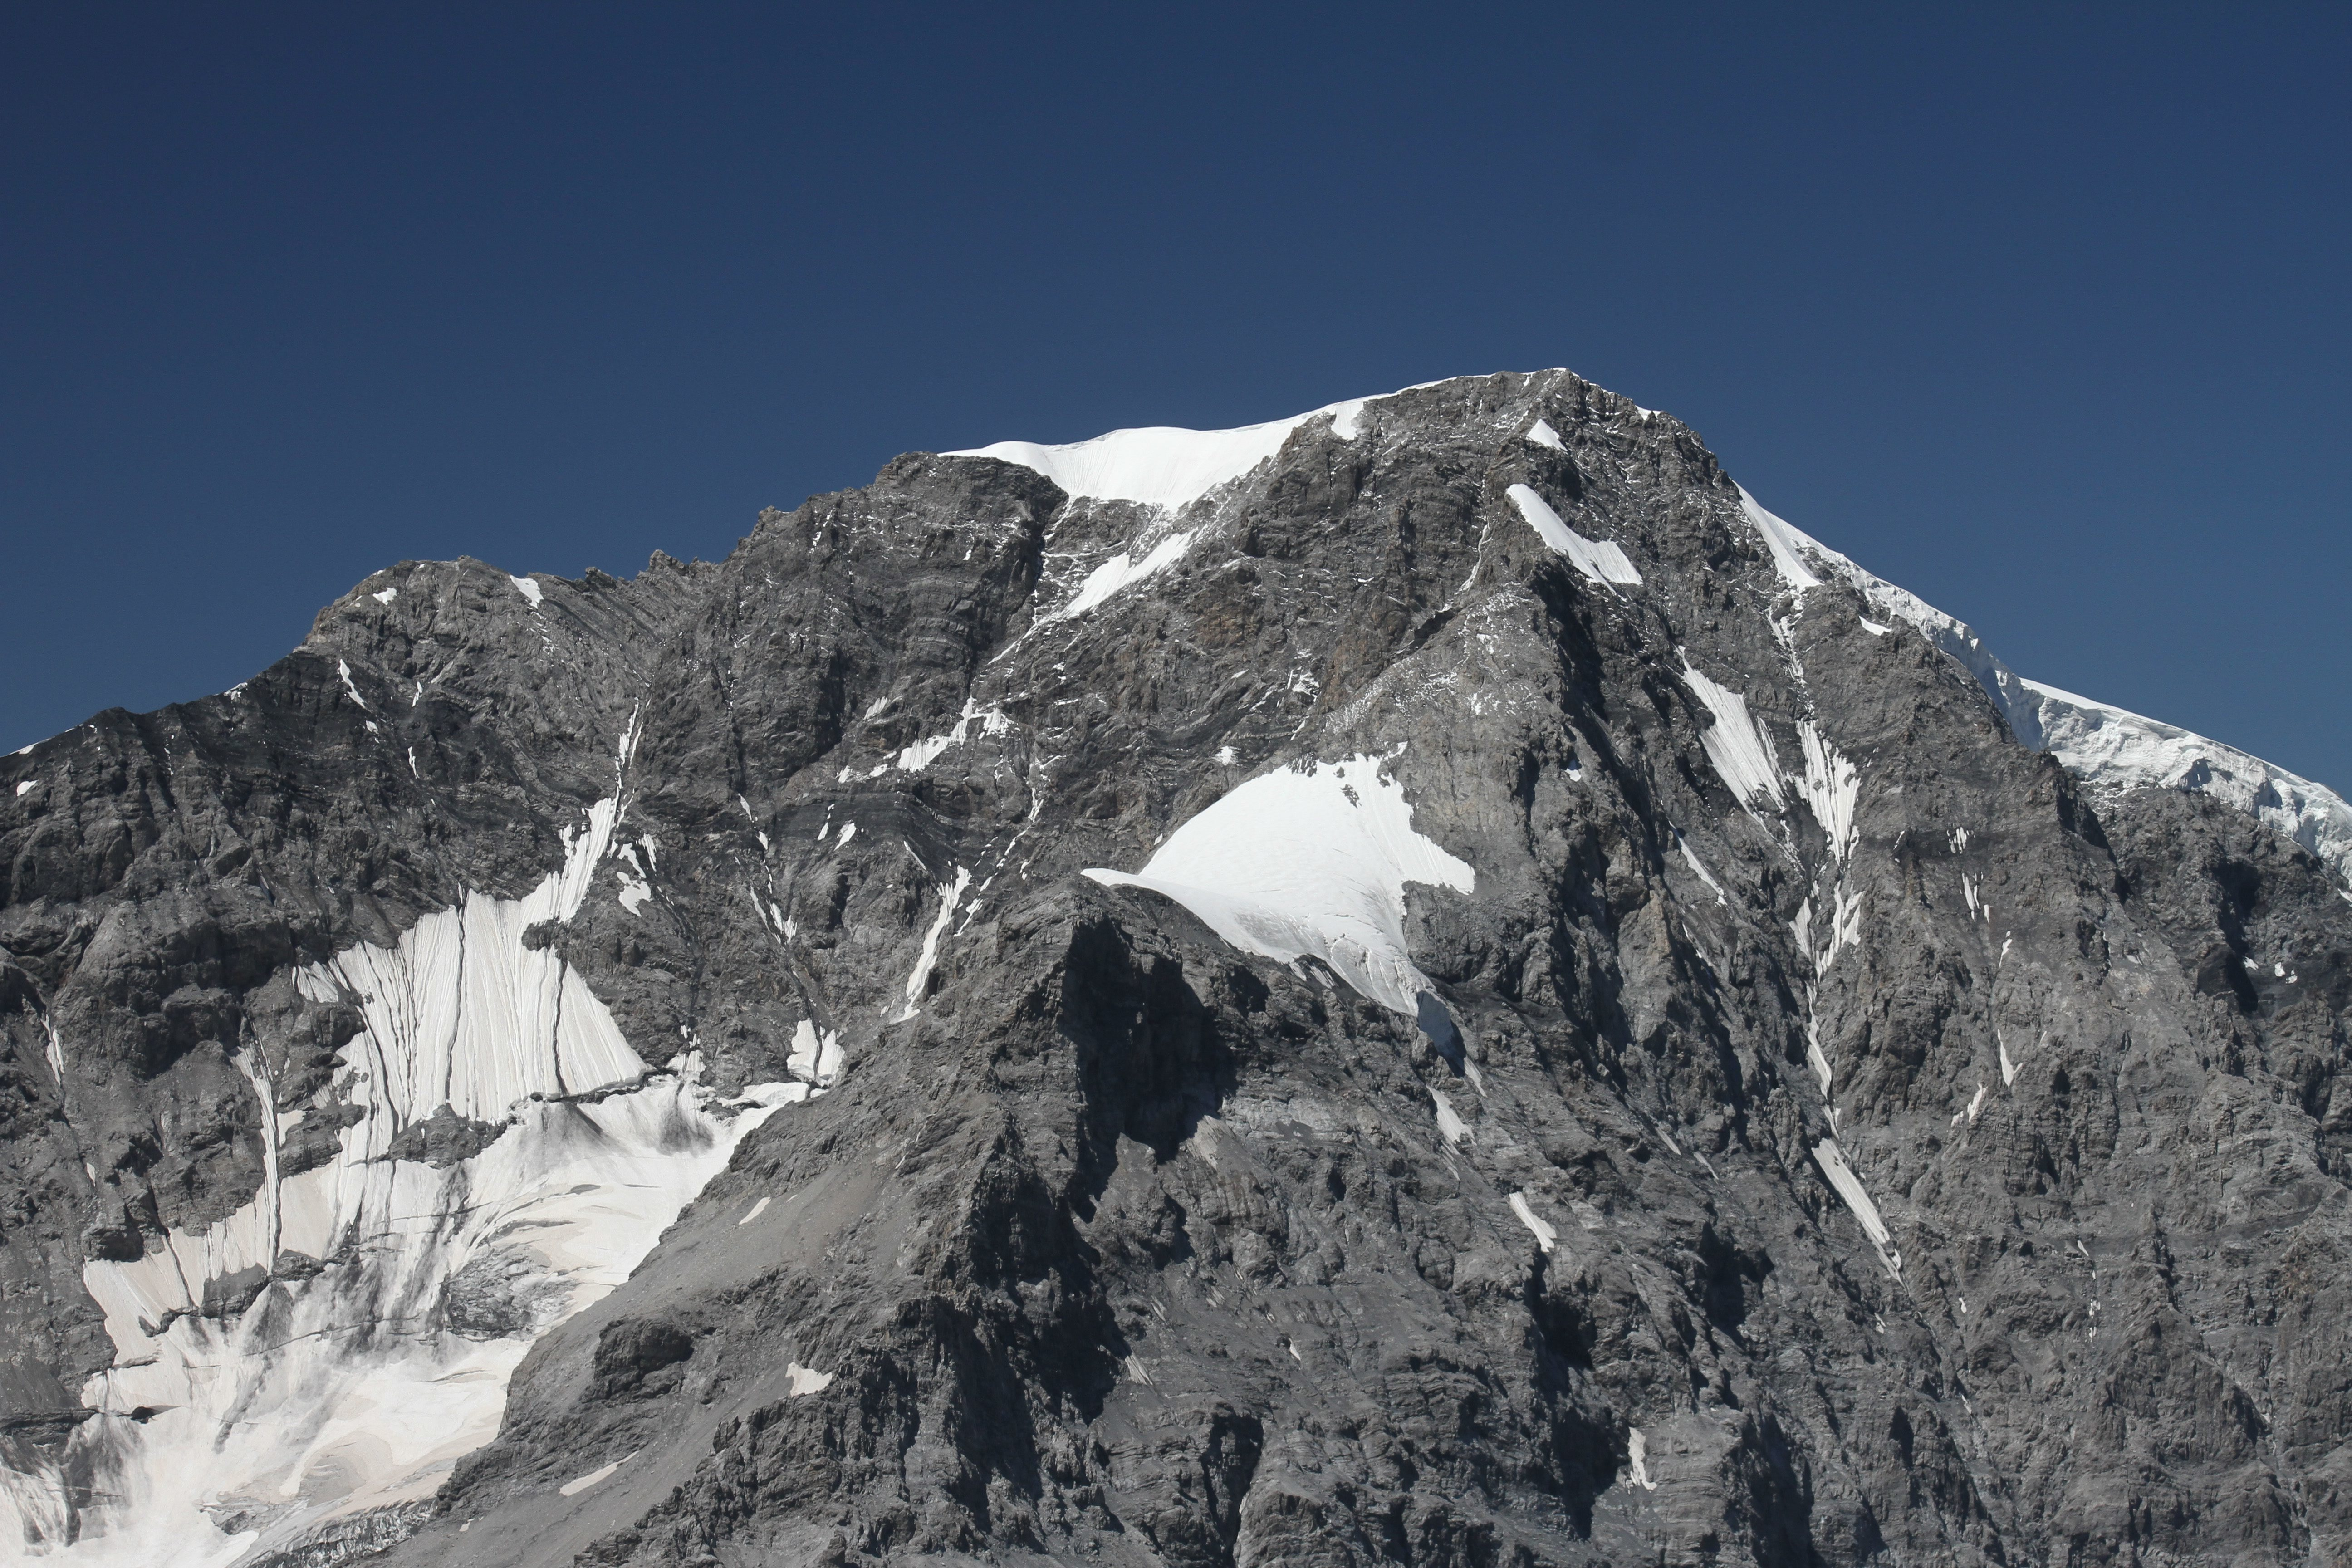 Hindelanger Klettersteig Unfall : Tödliche bergunfälle an watzmann und ortler